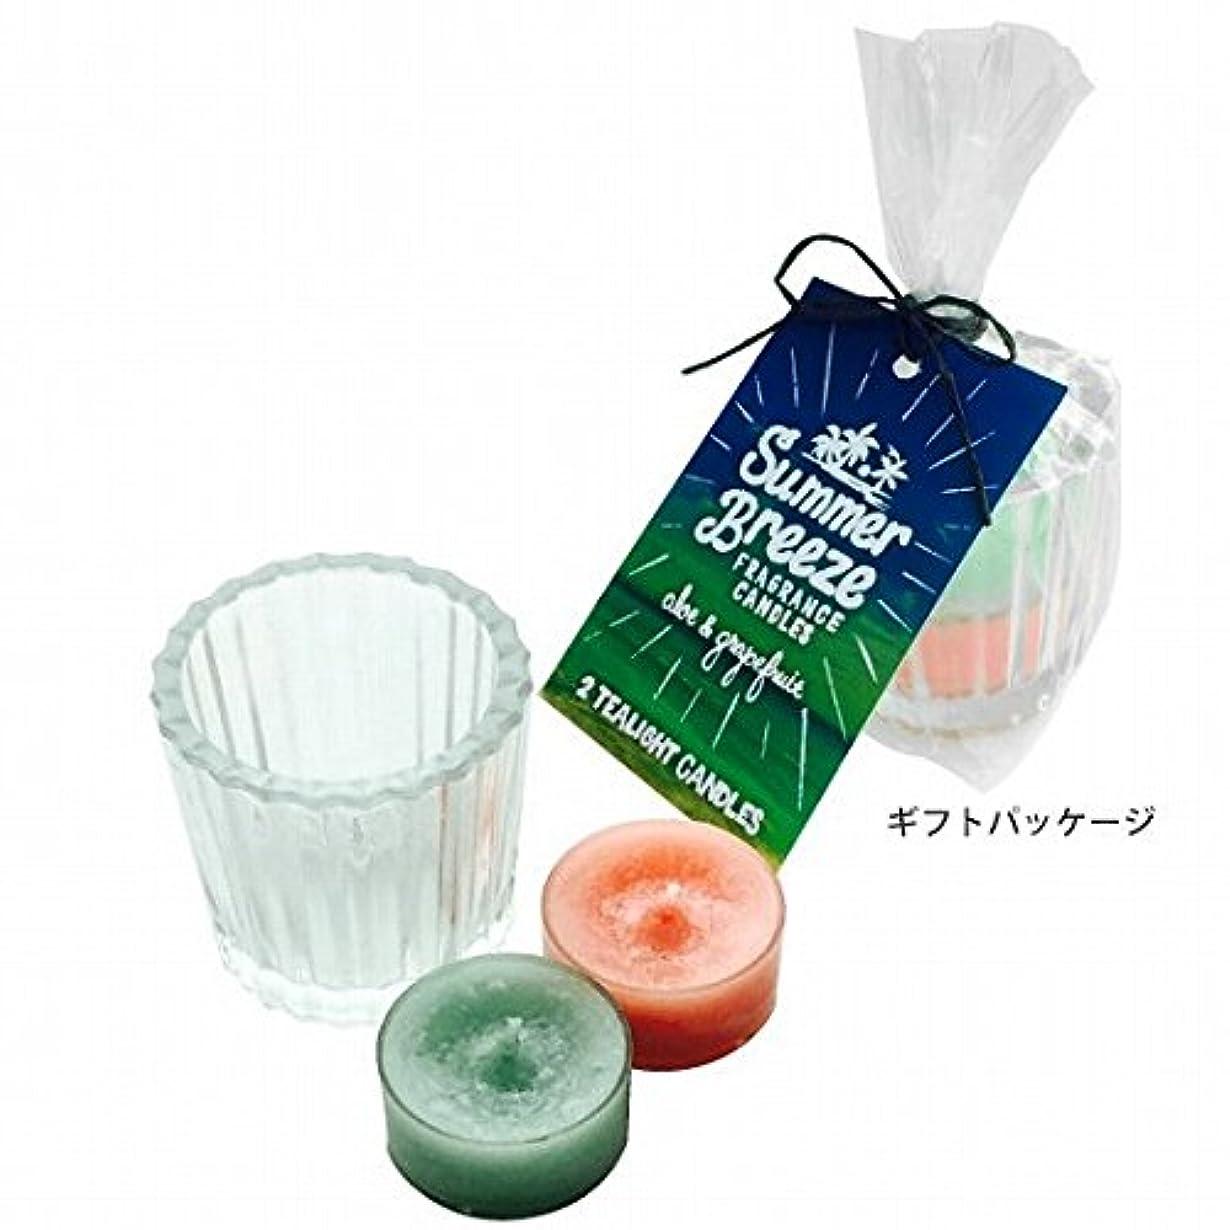 細断税金描くカメヤマキャンドル(kameyama candle) サマーブリーズティーライトキャンドルセット